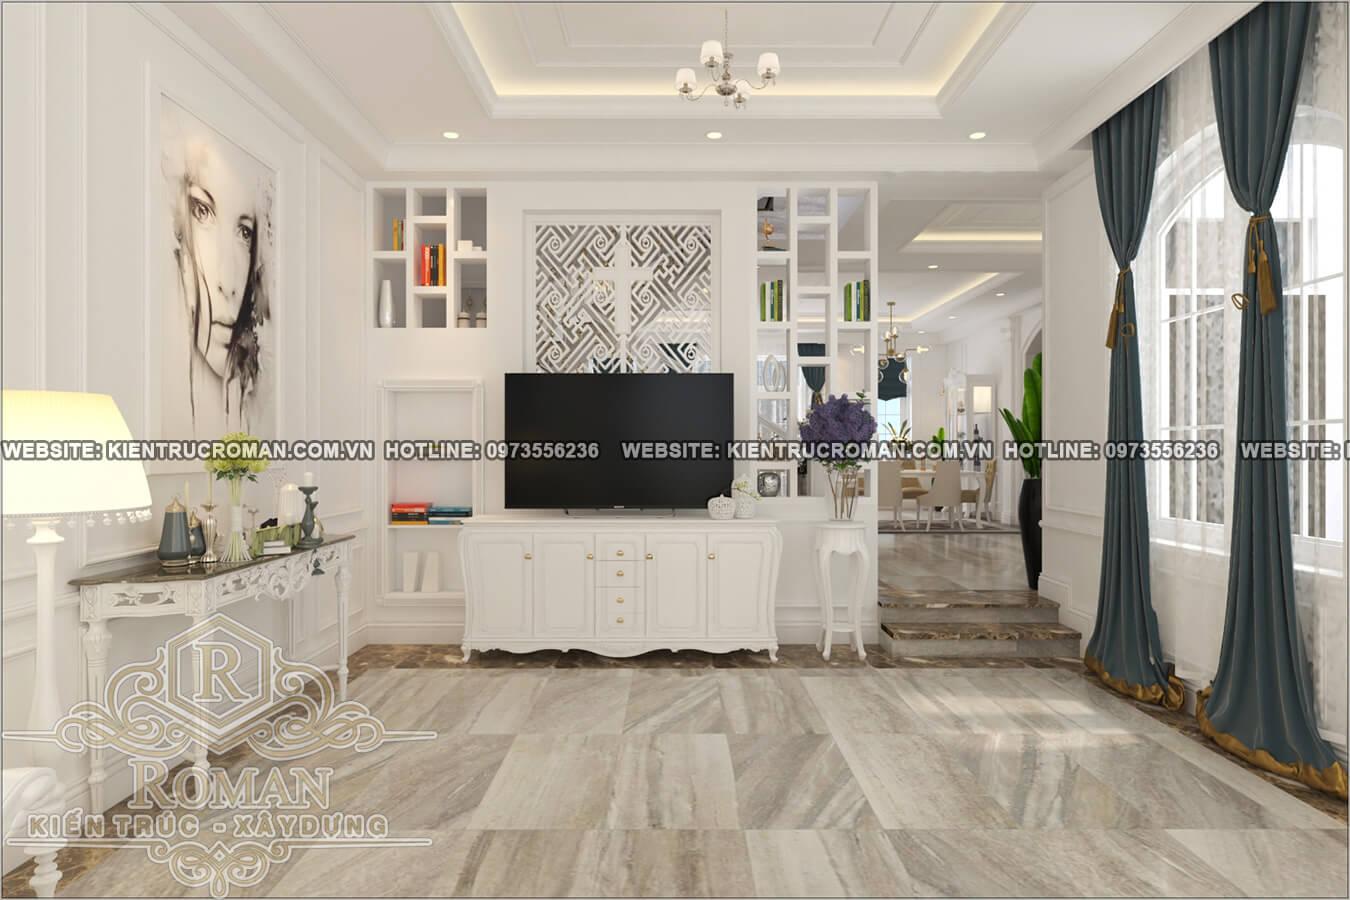 phòng khách thiết kế cải tạo biệt thự cổ điển